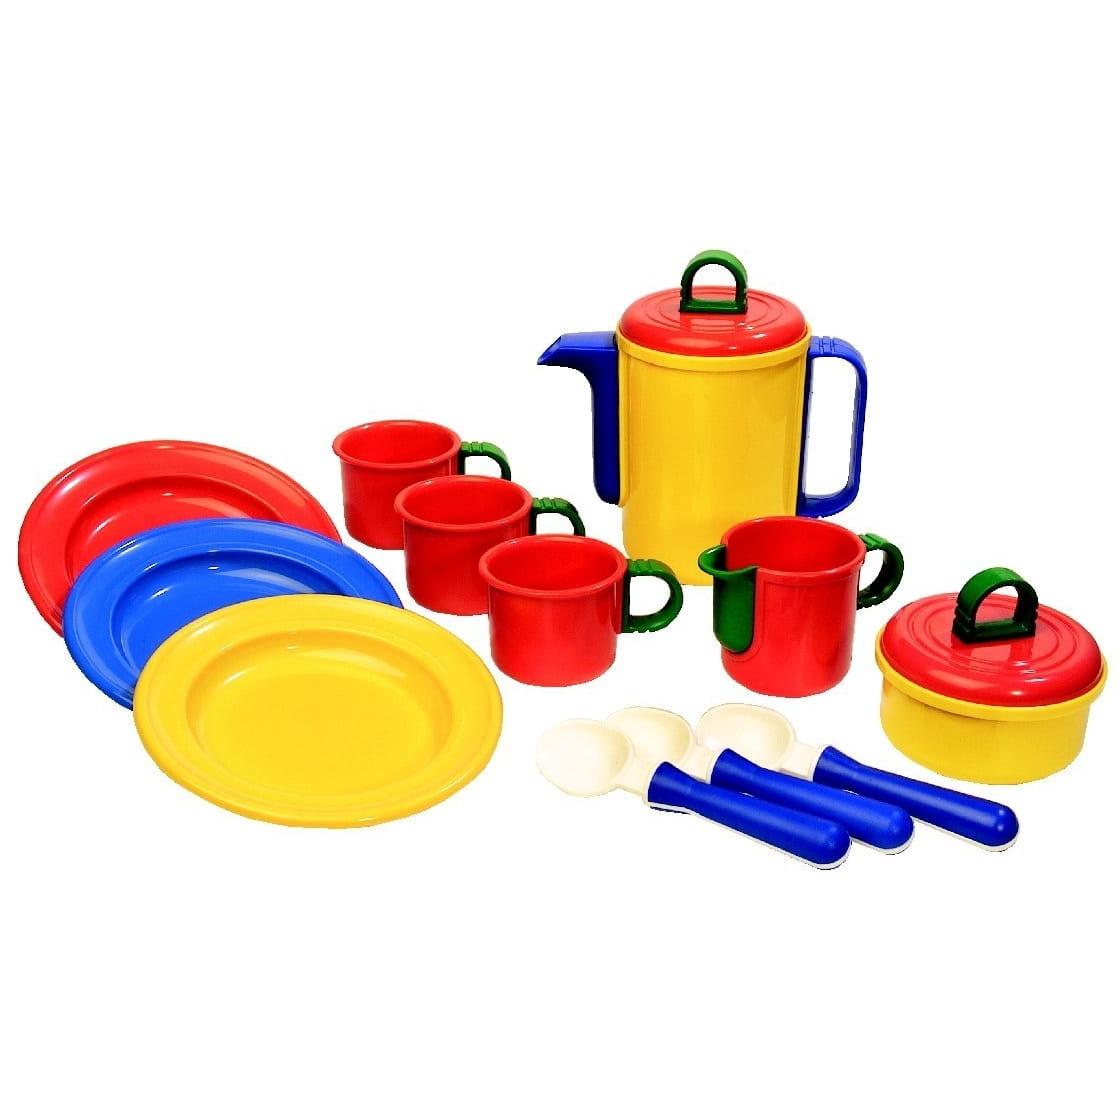 Набор посуды SPIELSTABIL Чайная церемония - Все для юной хозяйки